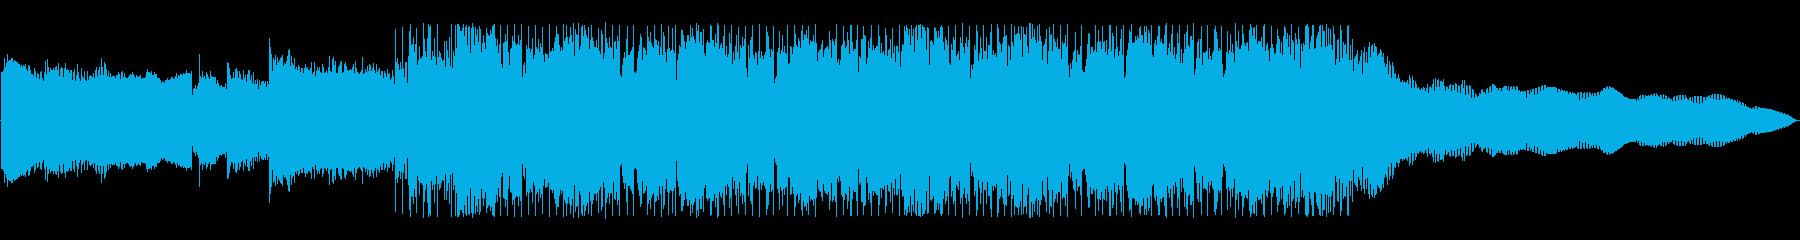 激しいロックのジングル(イントロ入り2)の再生済みの波形